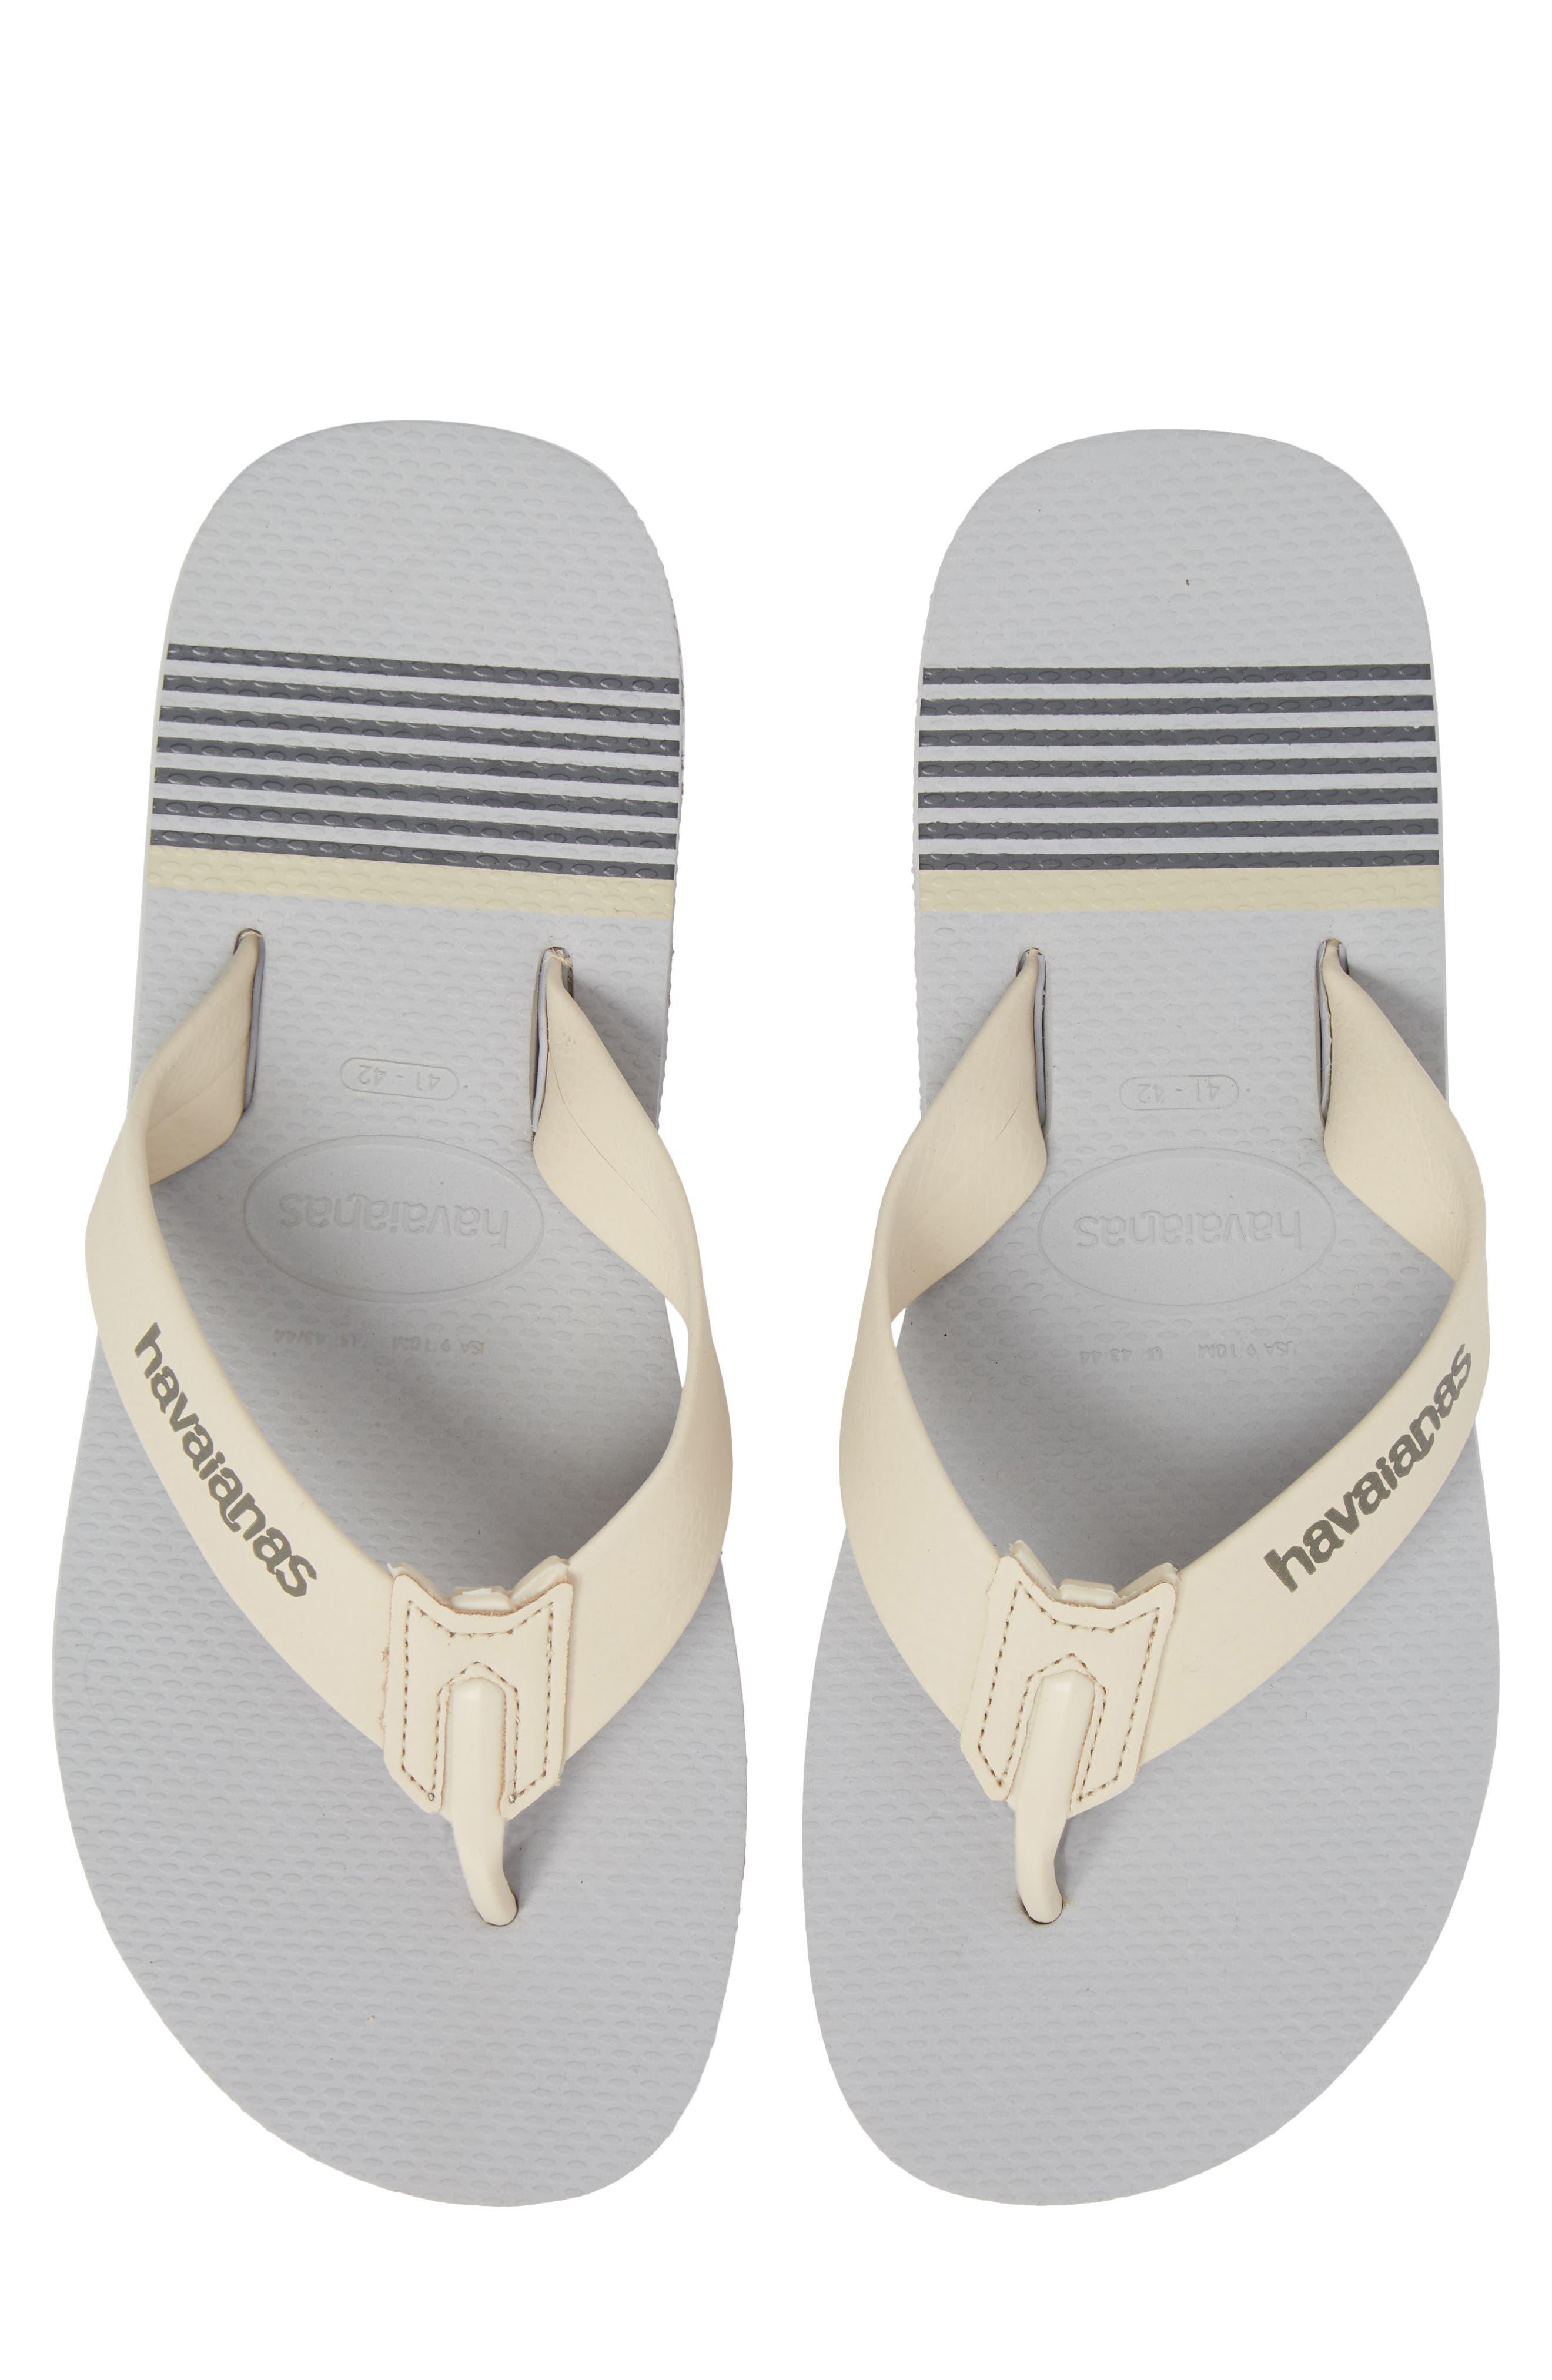 Urban Craft Flip Flop,                         Main,                         color, Ice Grey